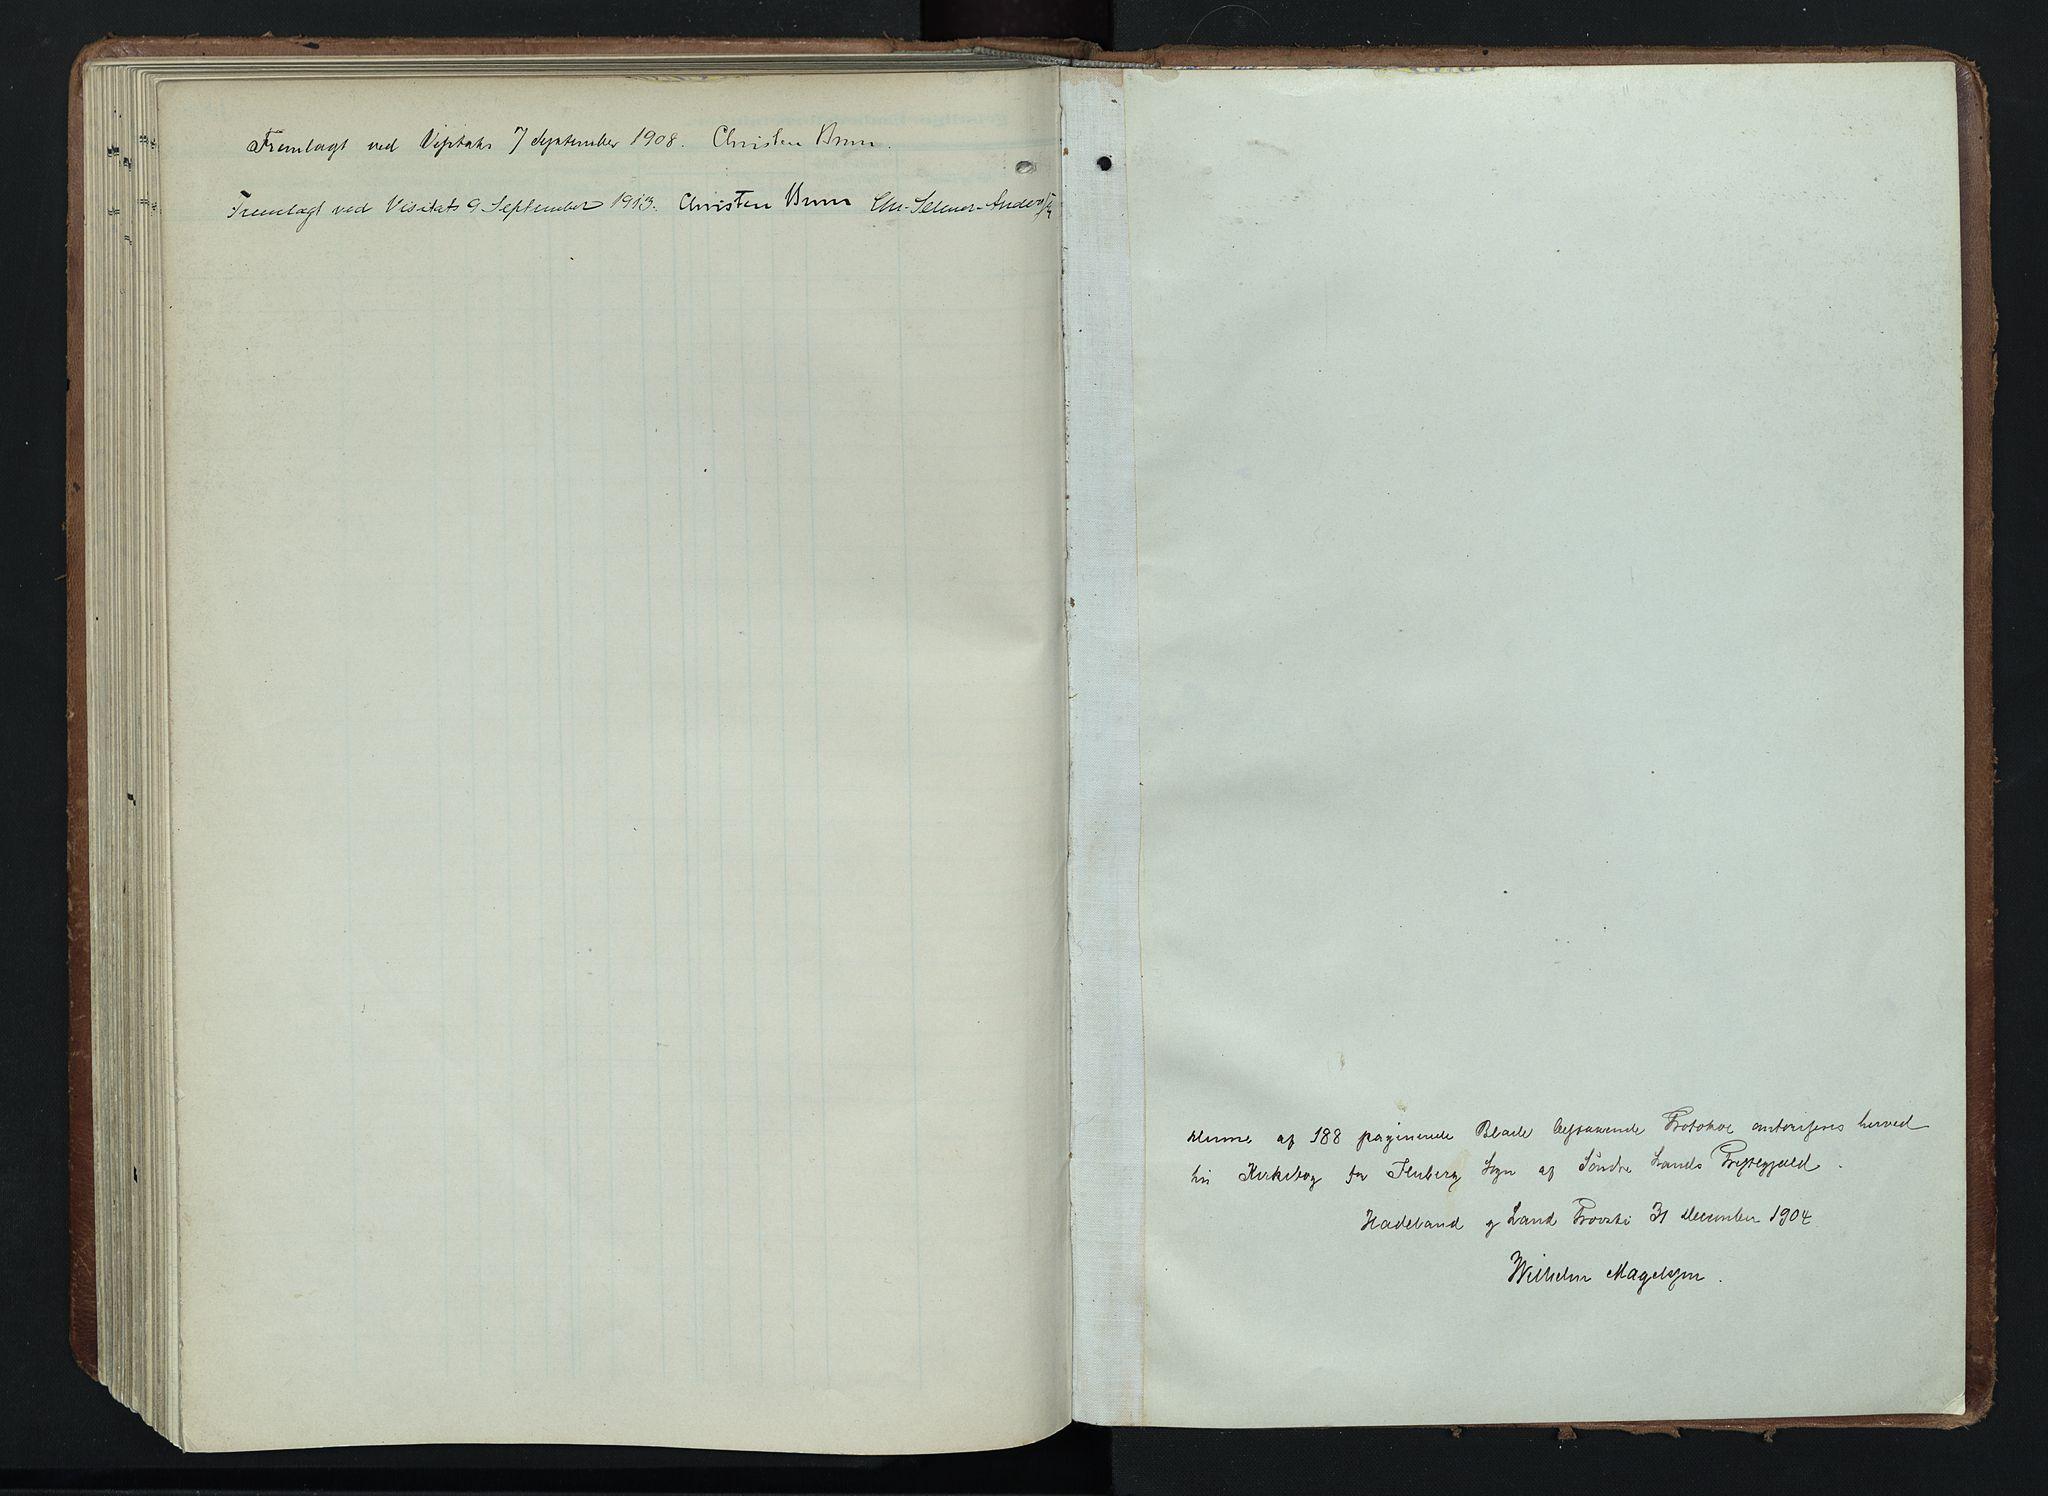 SAH, Søndre Land prestekontor, K/L0005: Ministerialbok nr. 5, 1905-1914